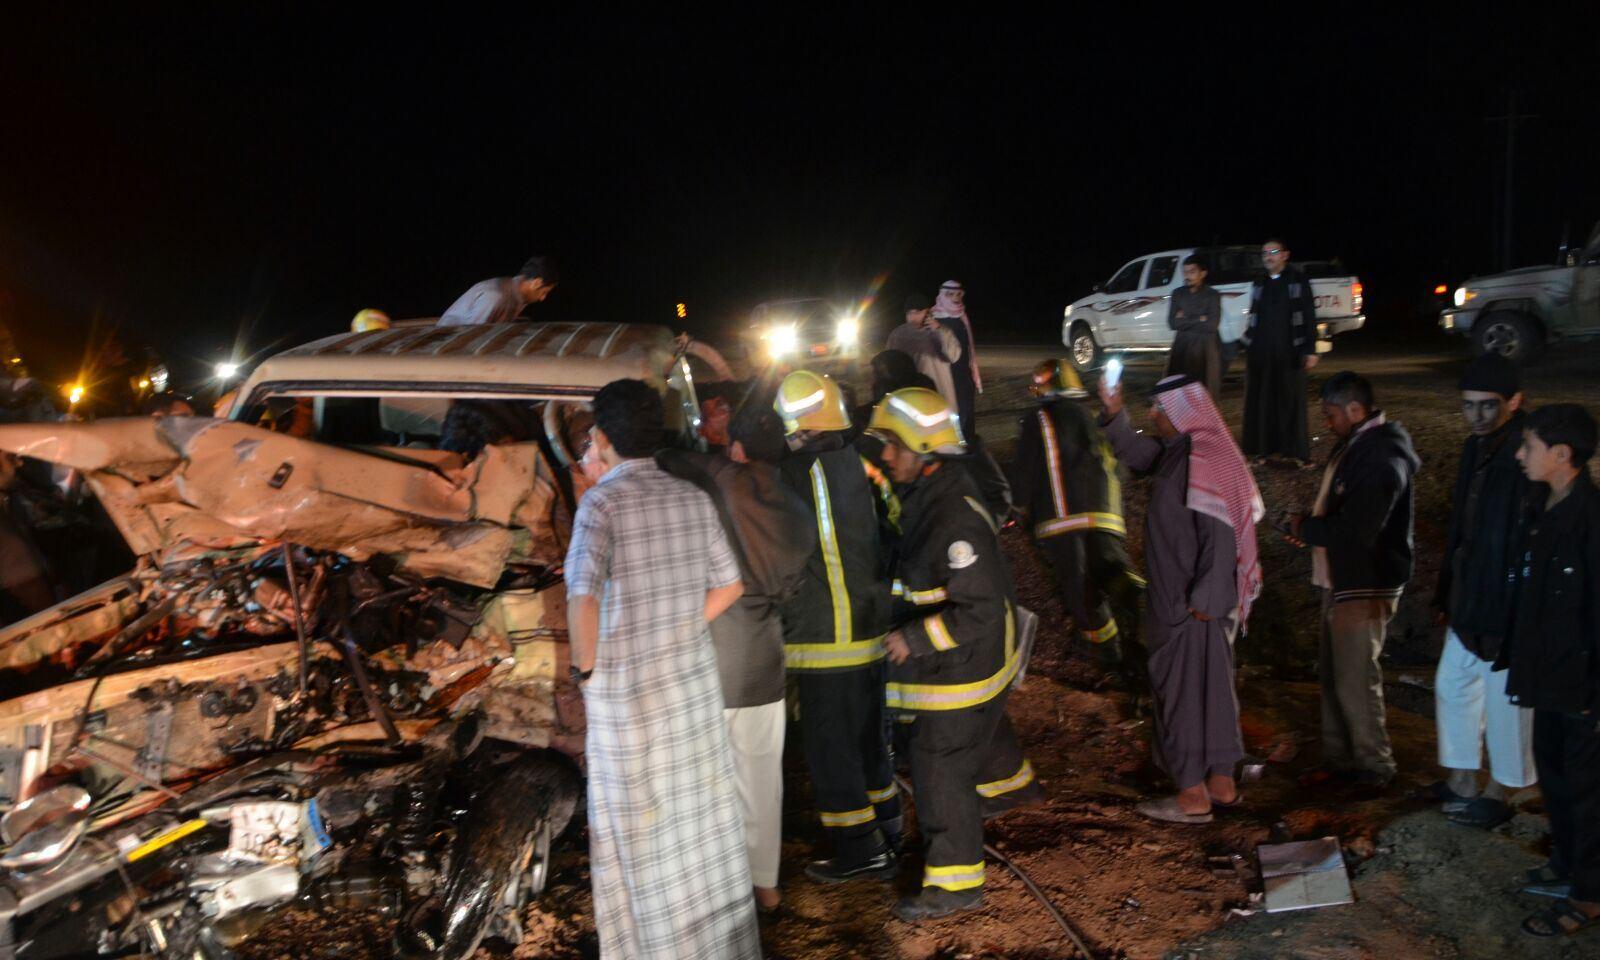 حادث تصادم بالجوف (2)